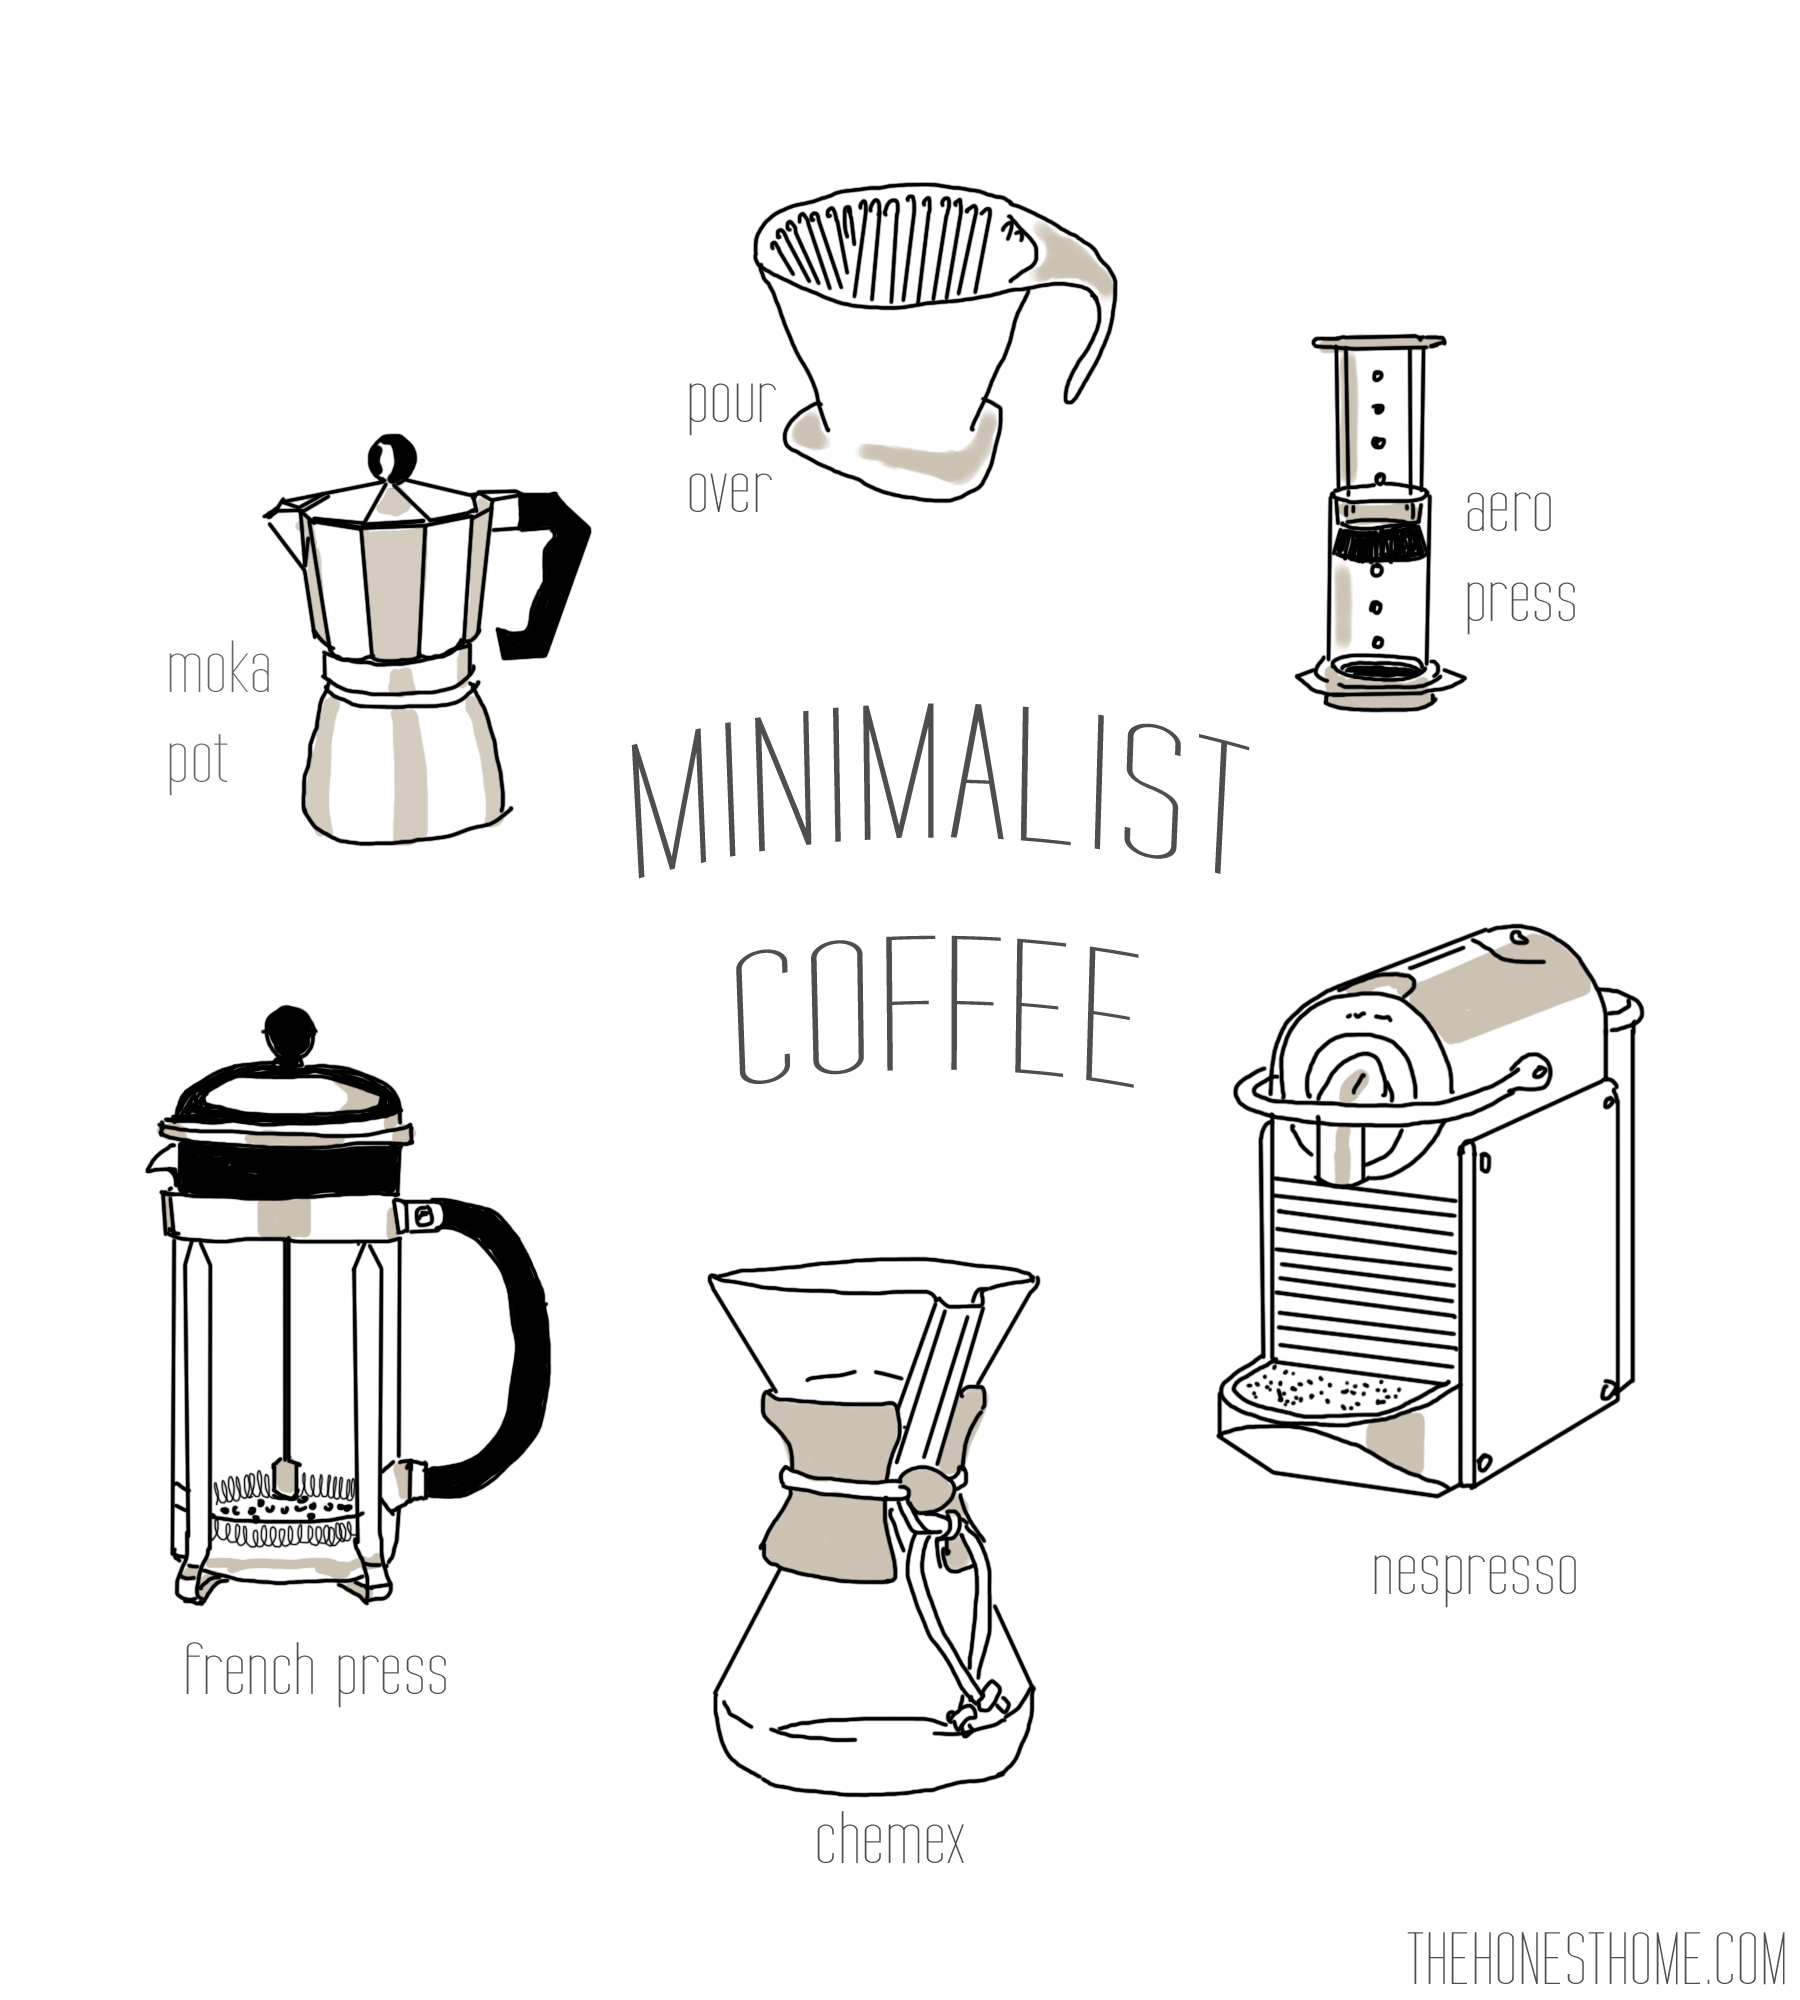 minimalcoffee.jpg